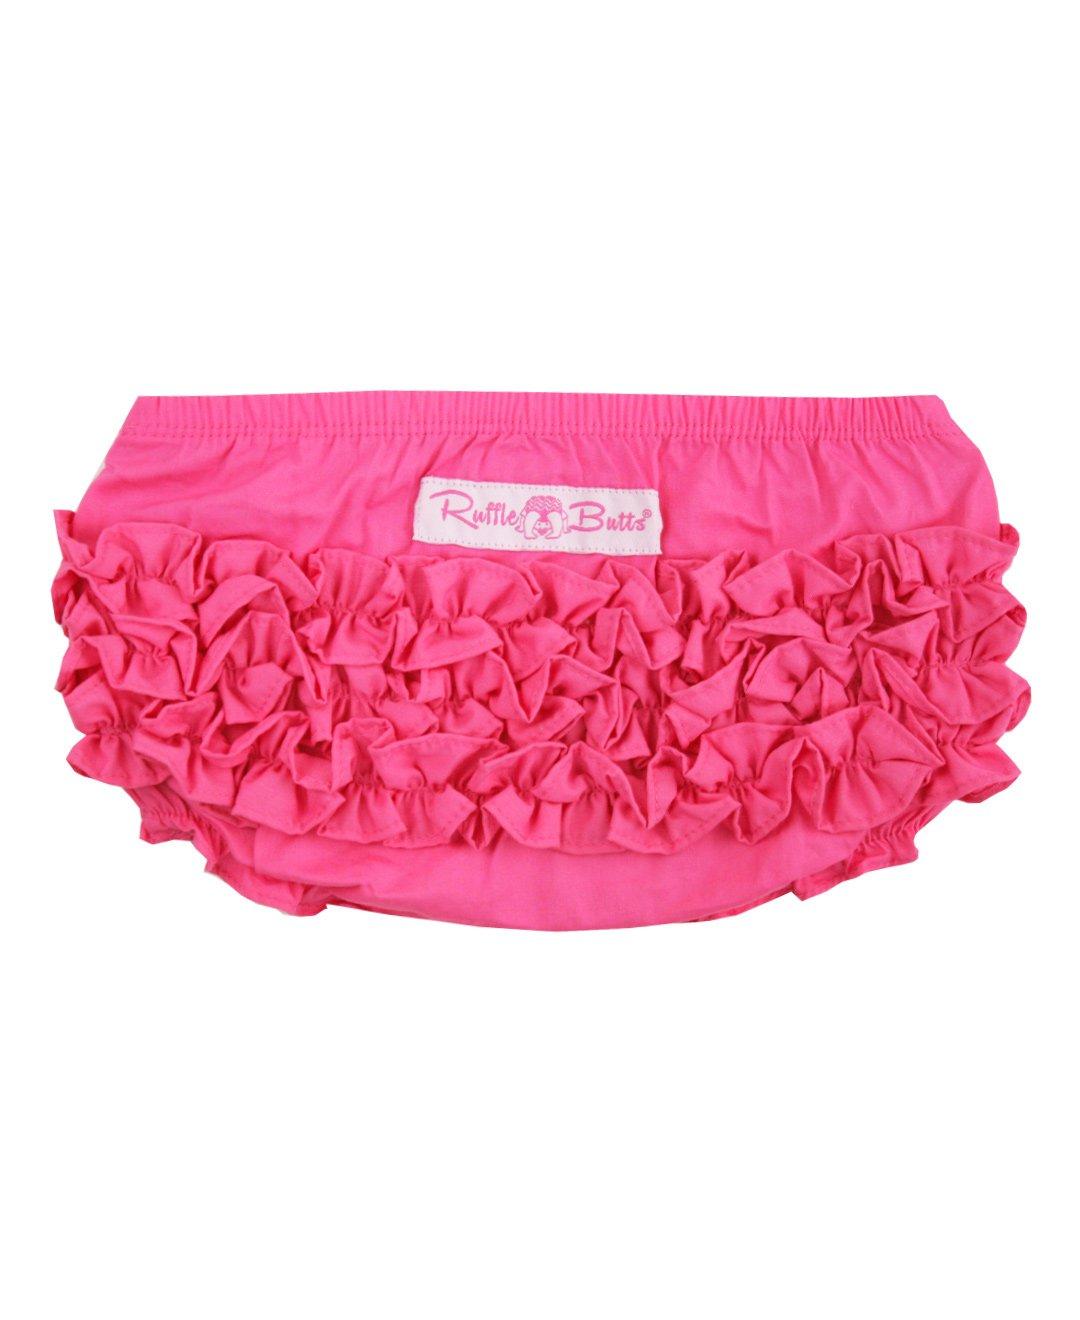 RuffleButts Little Girls Candy Woven 18-24m